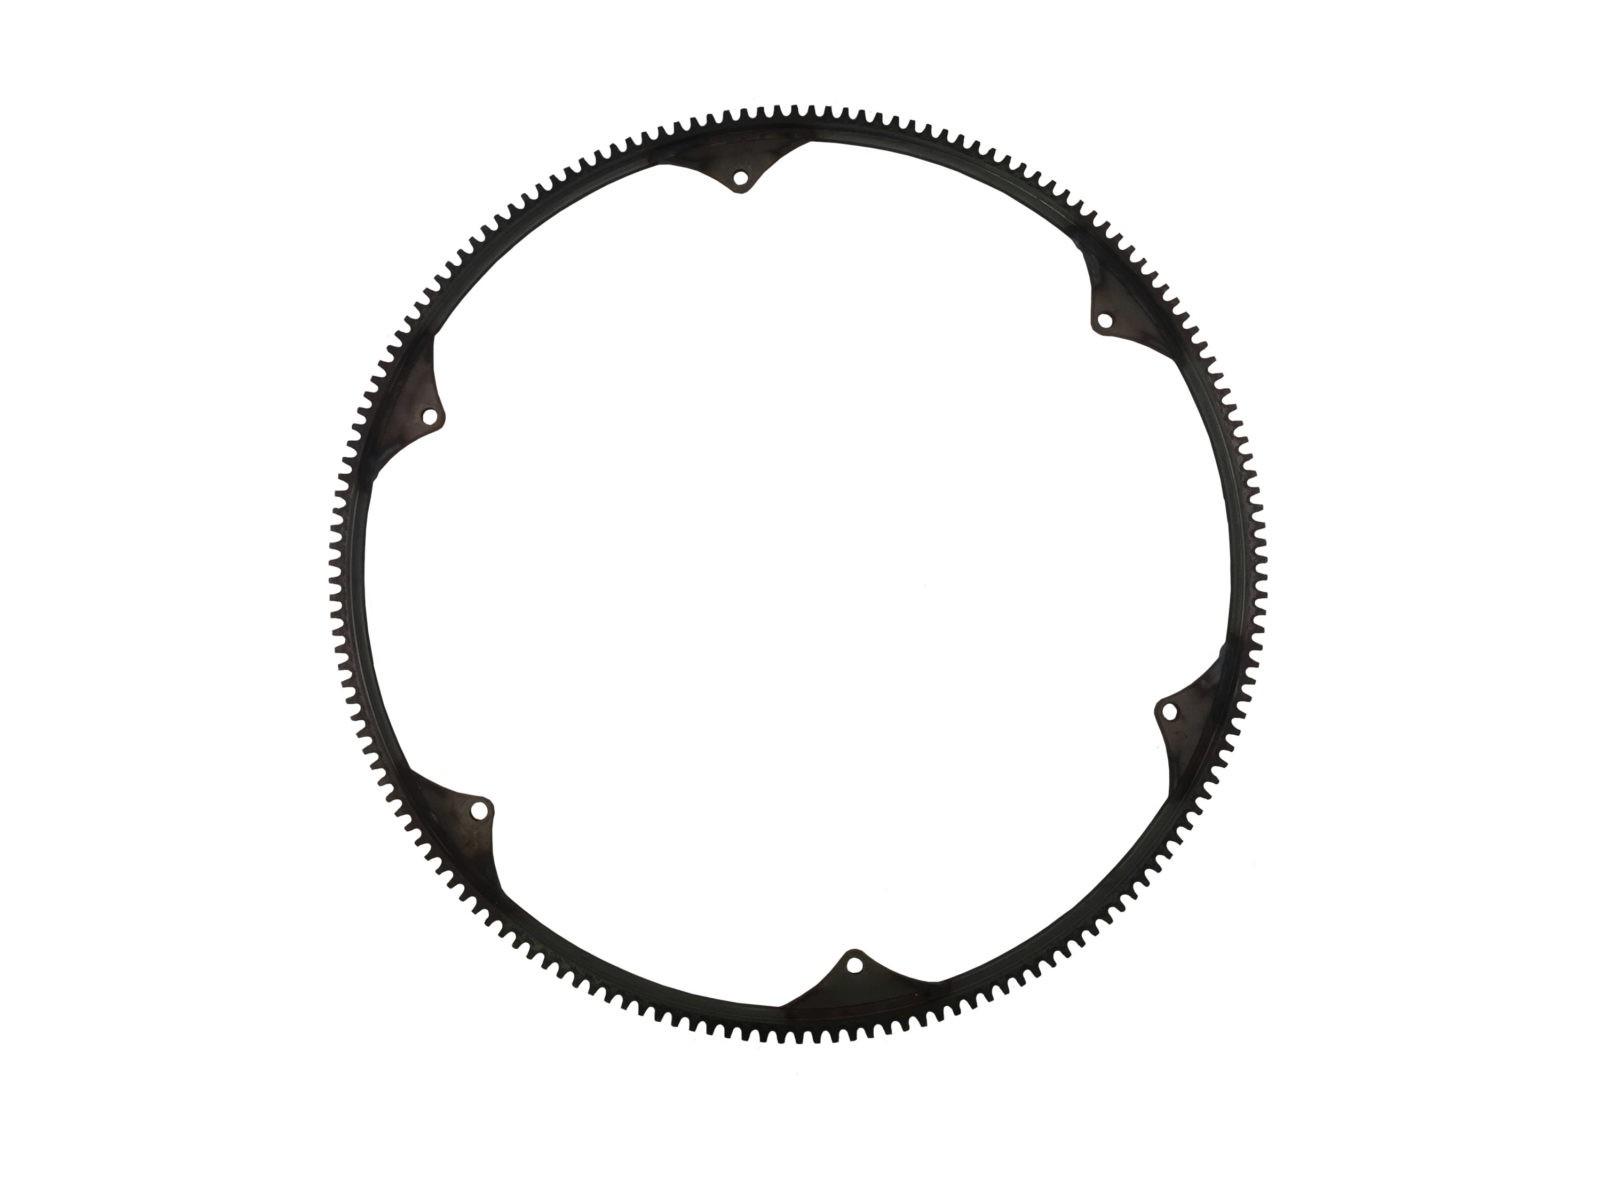 Ring Gear for 168 Flexplate